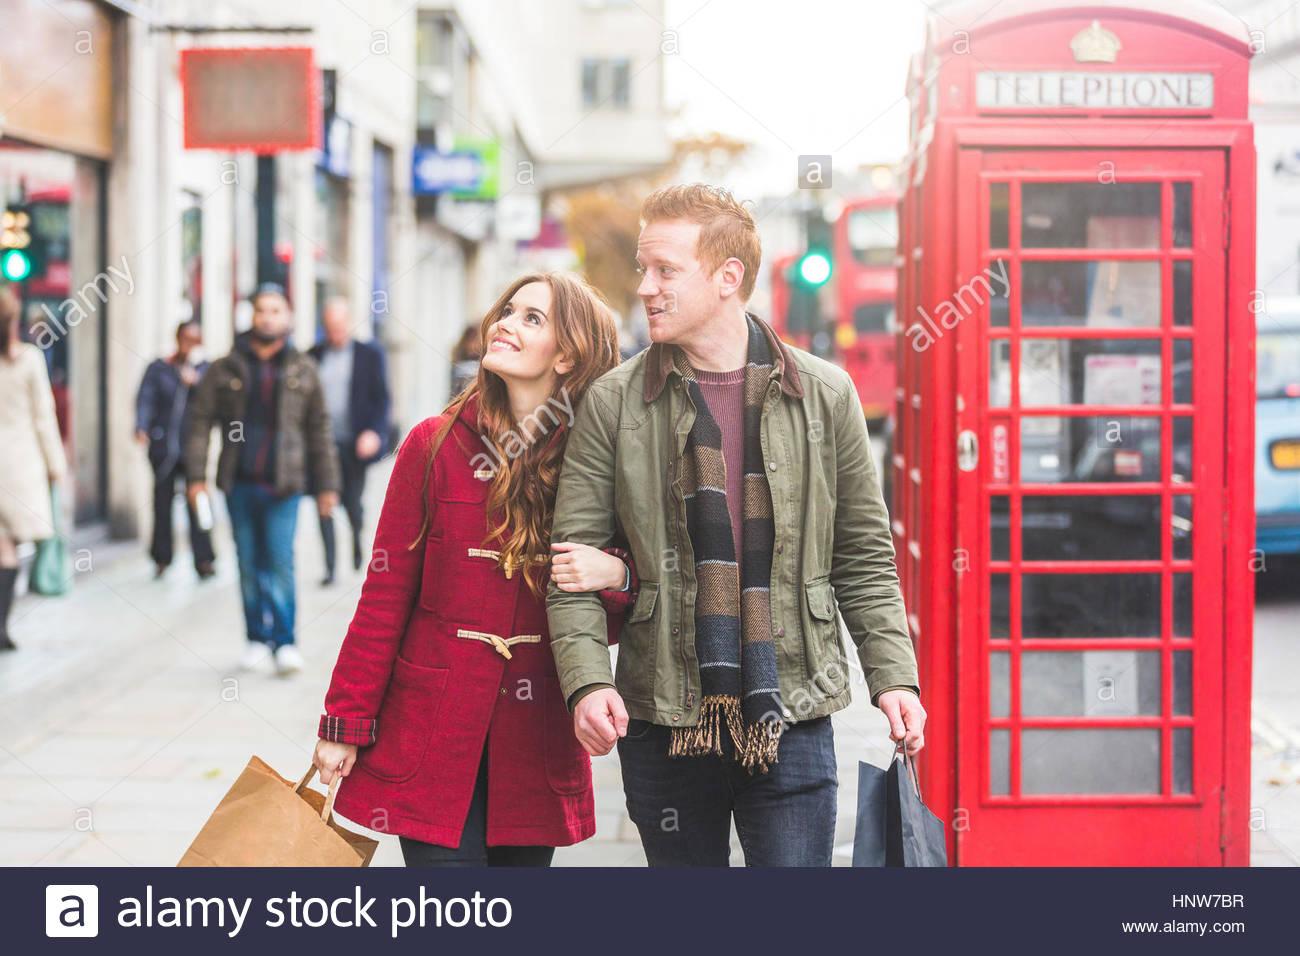 Giovane su Shopping Spree, London, Regno Unito Immagini Stock